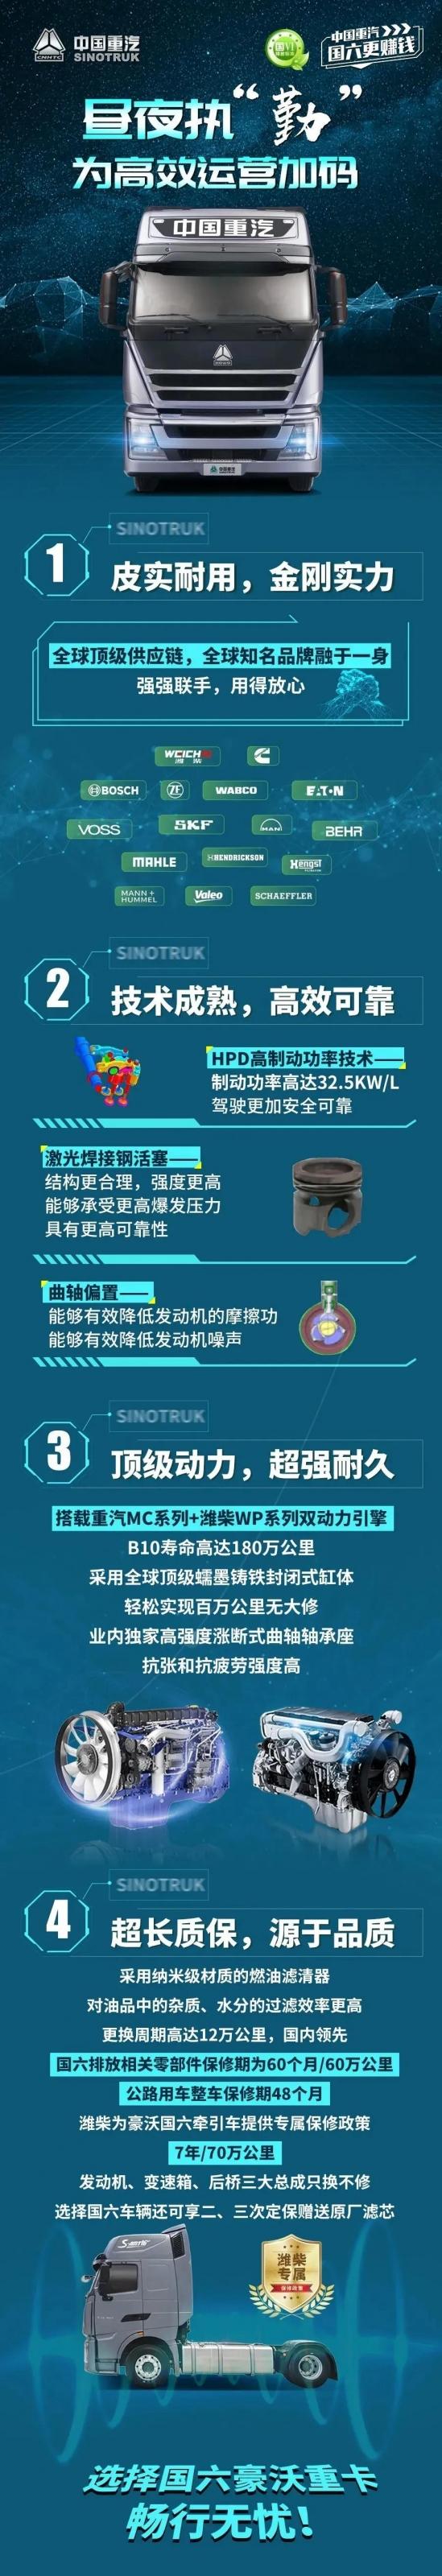 """国六时代 中国重汽昼夜执""""勤""""为高效运营加码"""